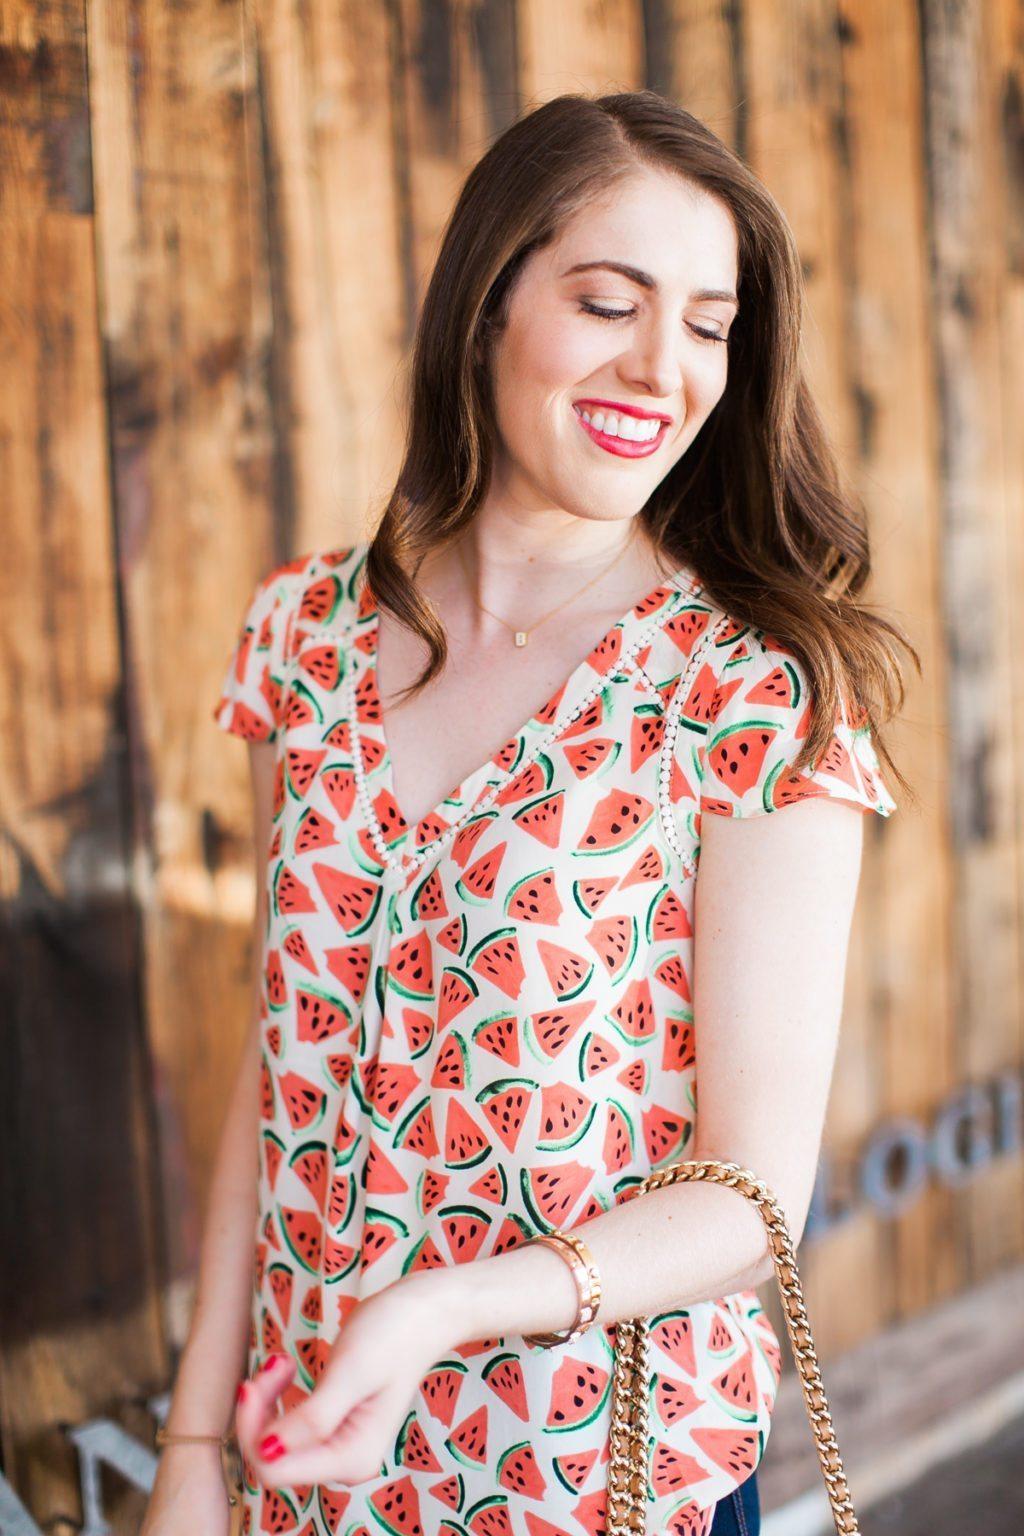 dallas-fashion-blogger-brooke-dujour-3613